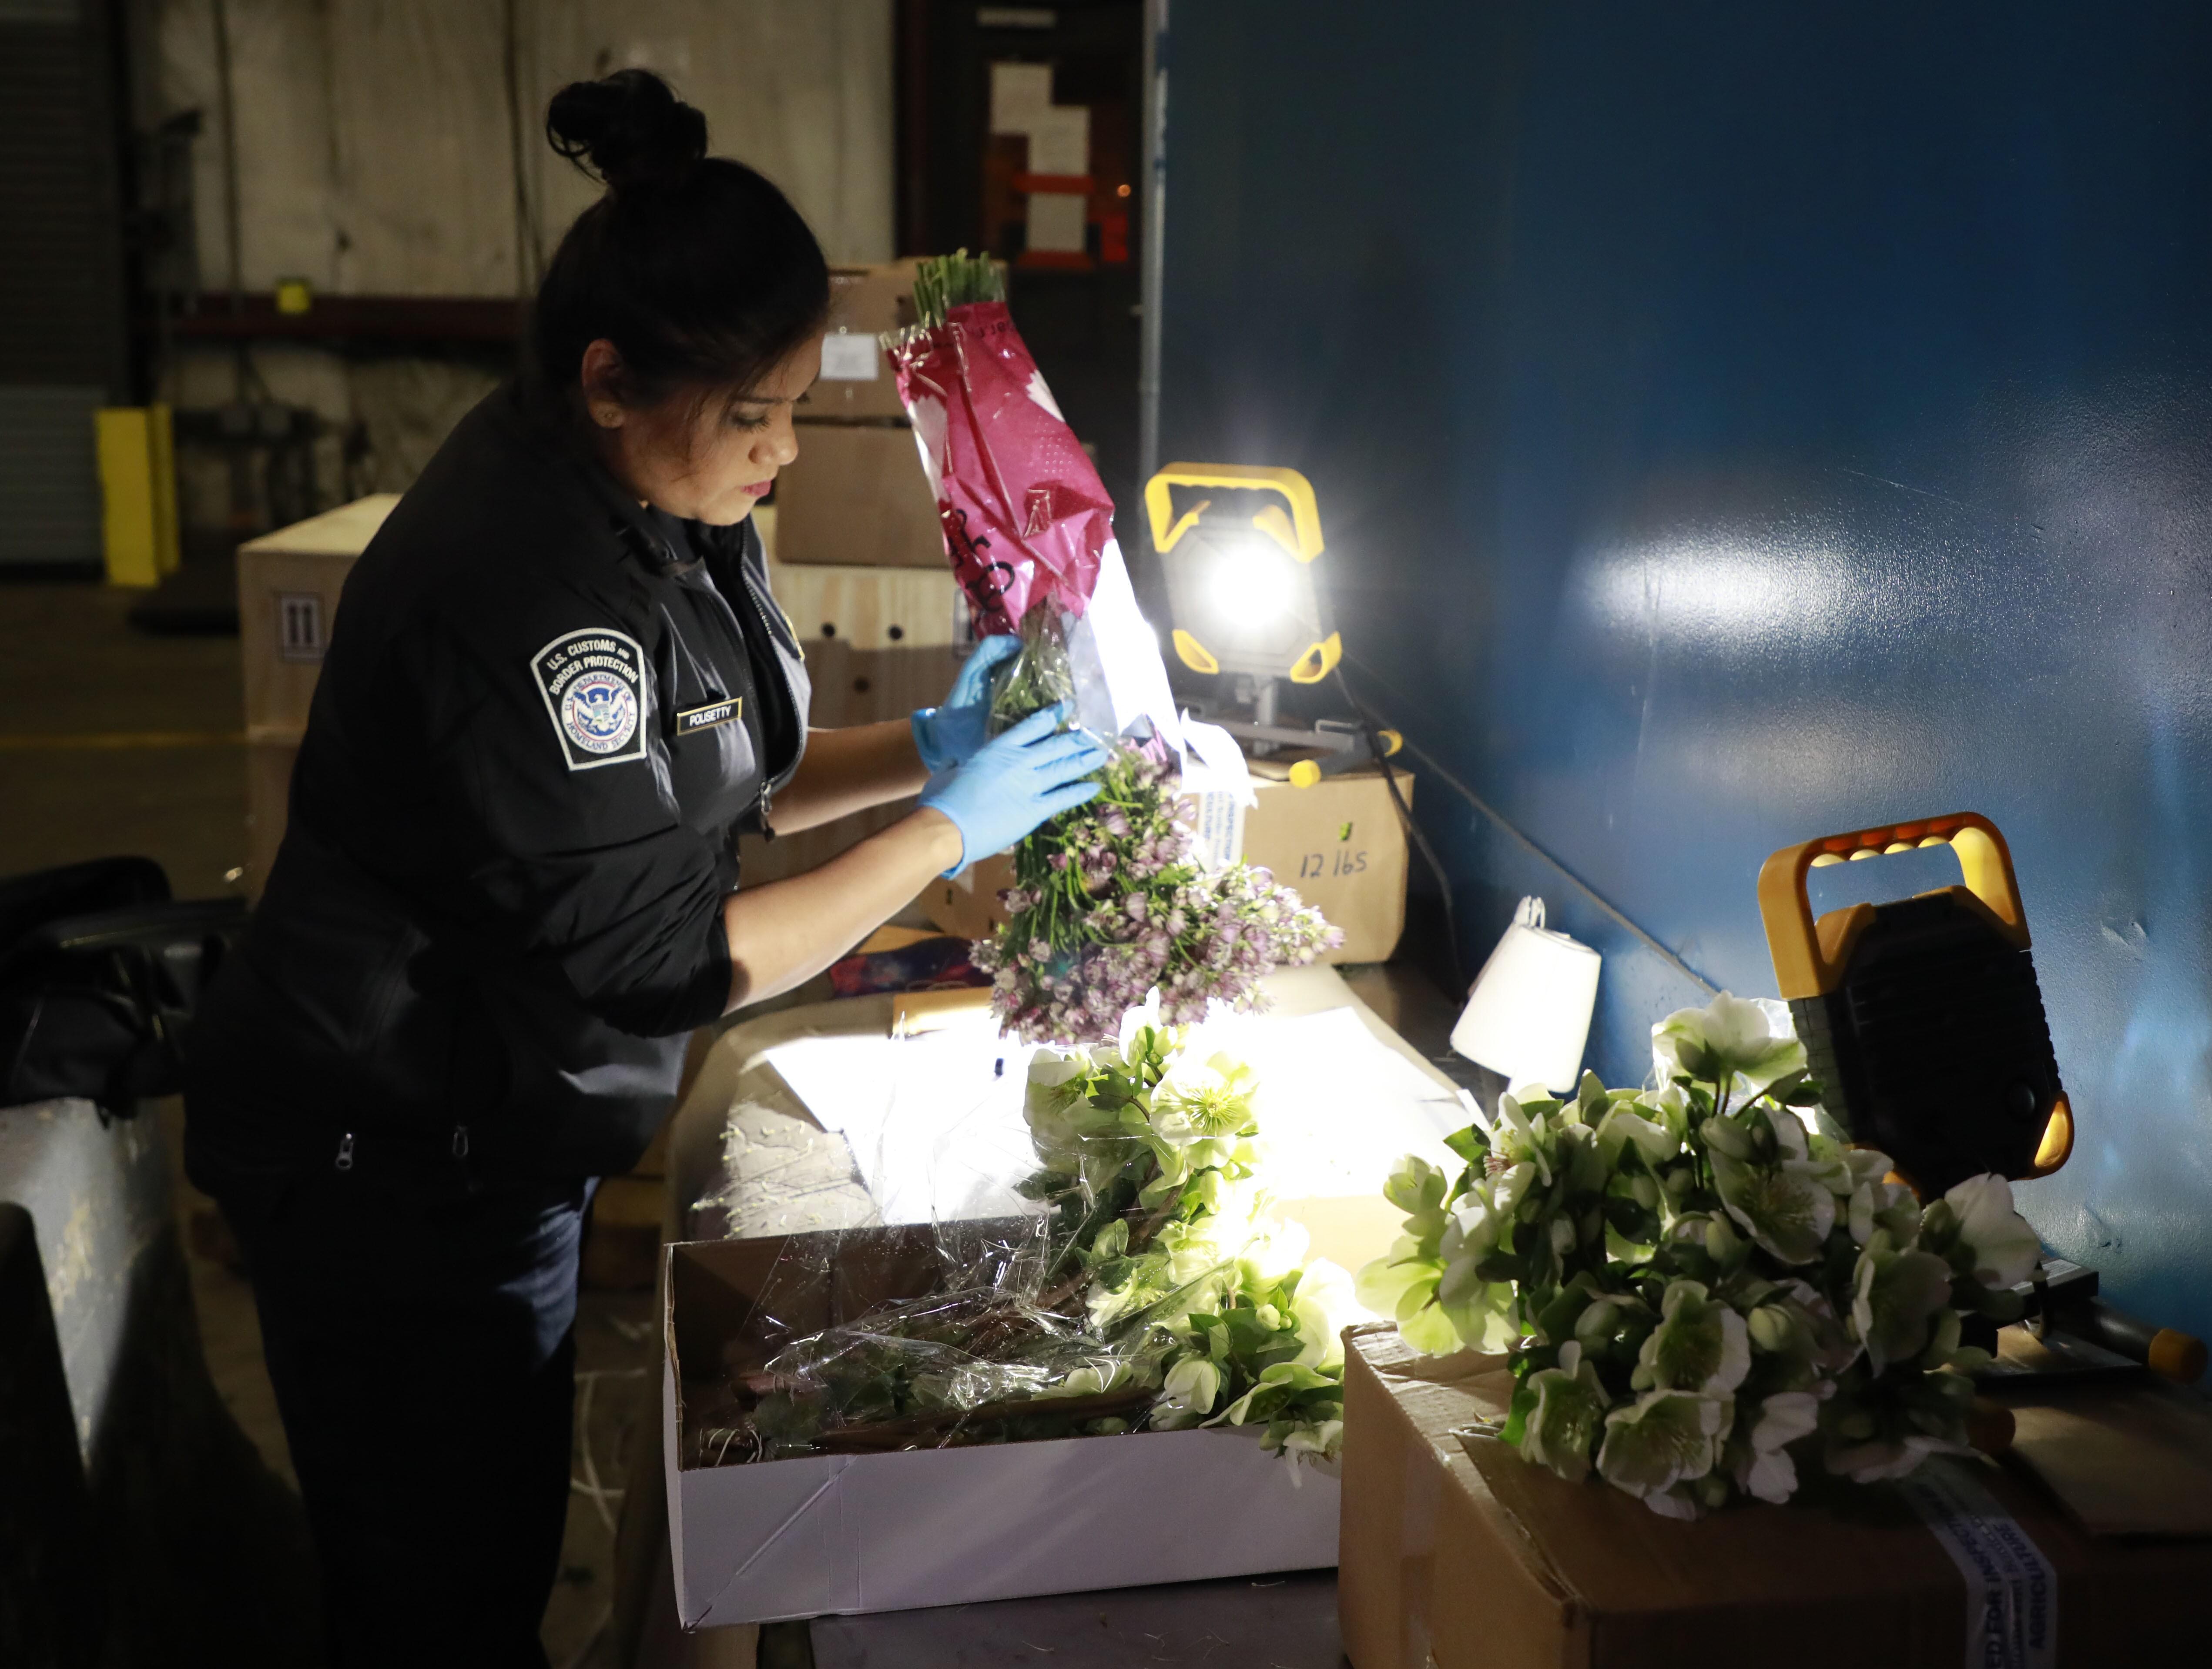 CBP在杜勒斯国际机场检查切花